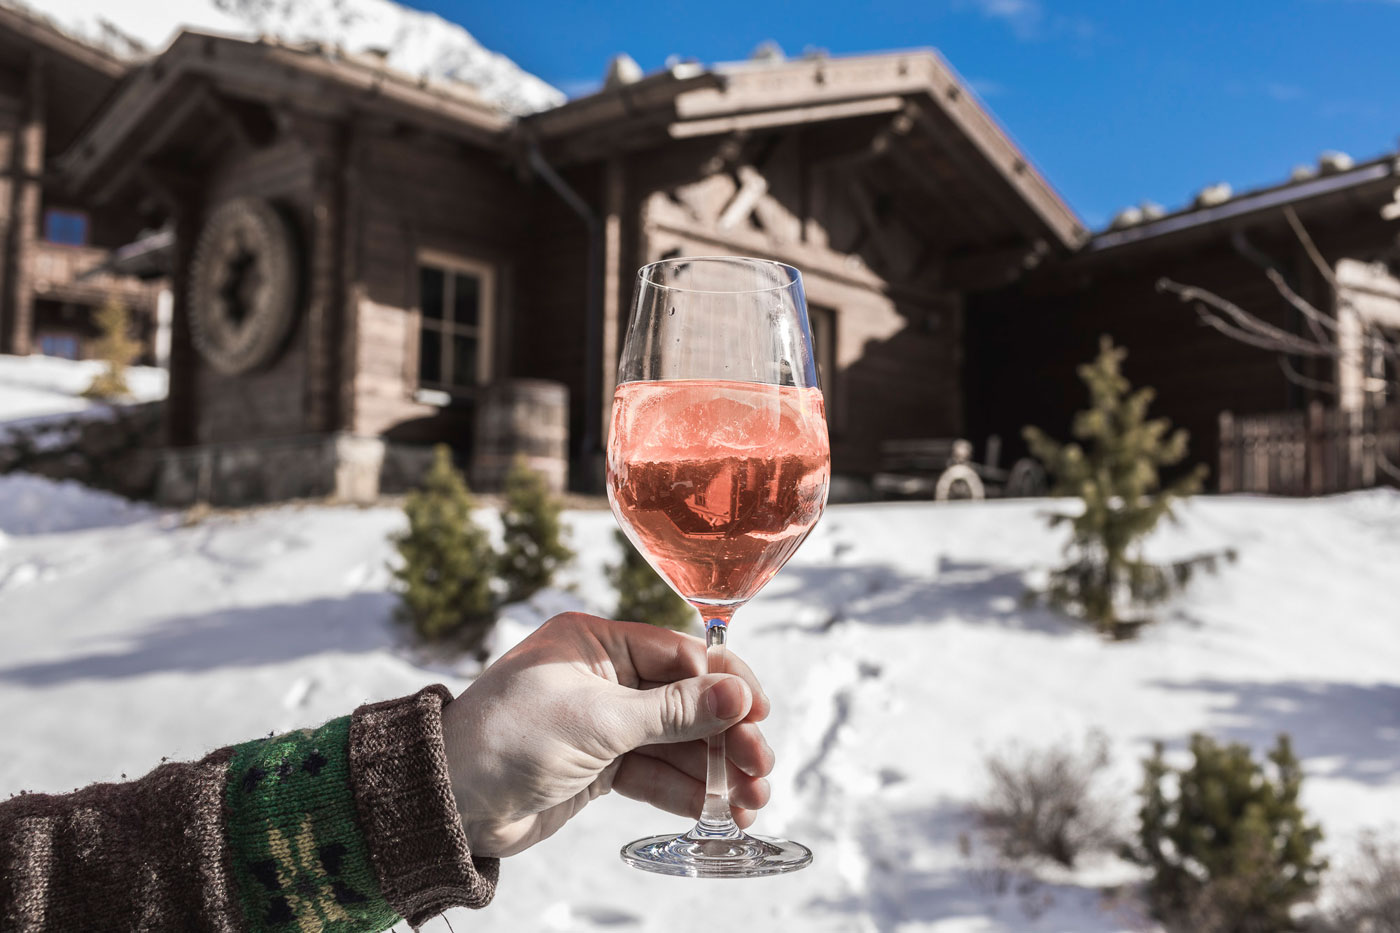 Snowy alp hut village Val Senales